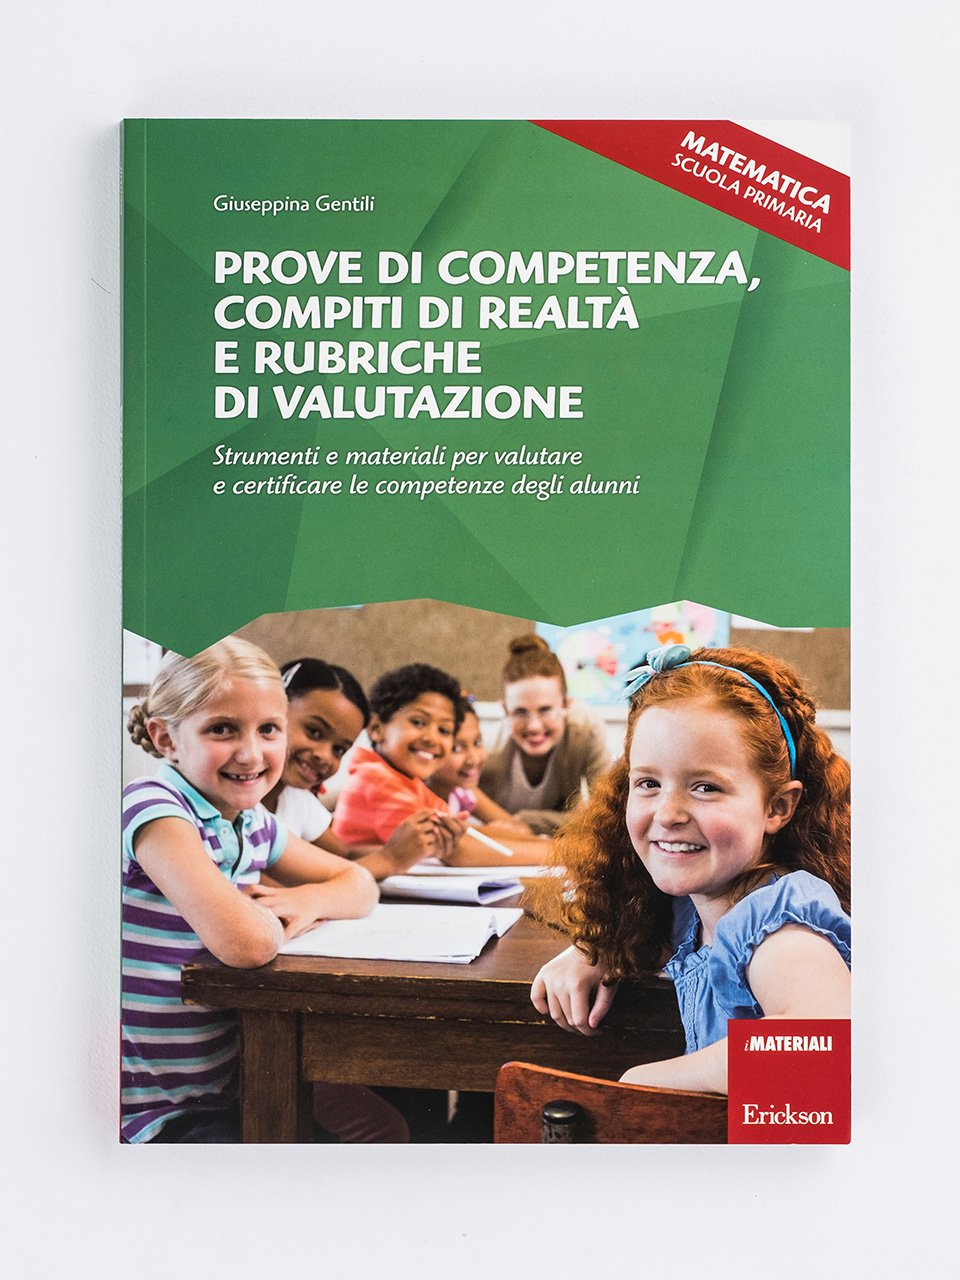 Prove di competenza, compiti di realtà e rubriche di valutazione - MATEMATICA - SCUOLA PRIMARIA - Competenze e valutazione metodologica - Libri - Erickson